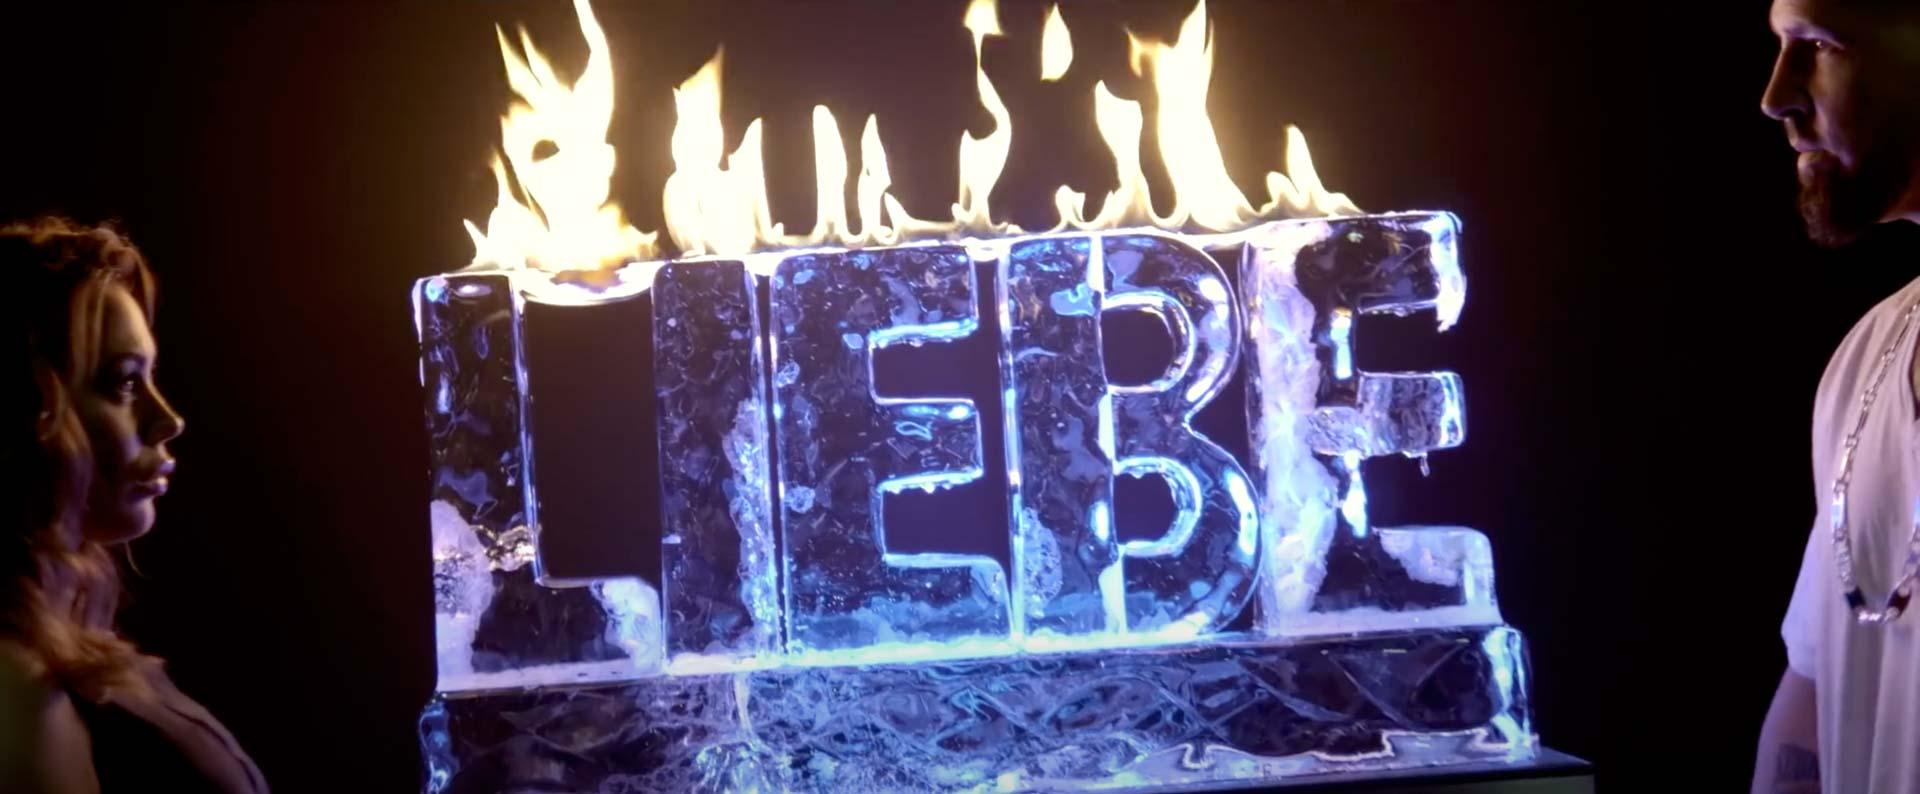 Musikvideo Screenshot Silla Hassliebe